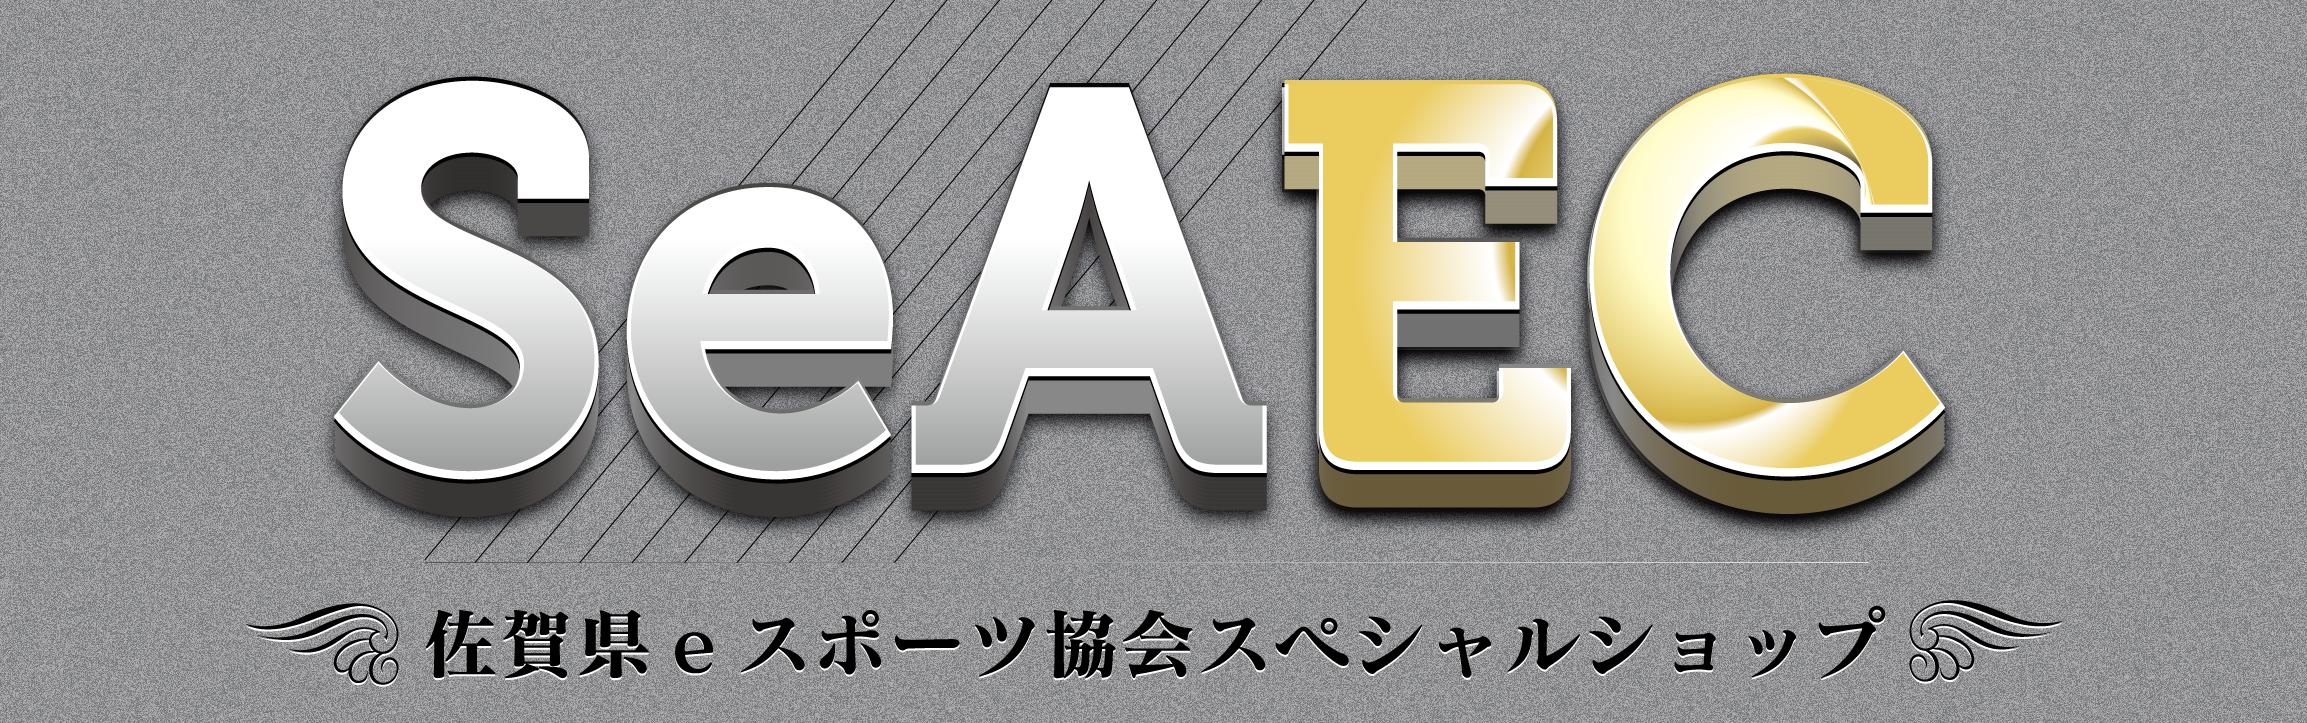 佐賀県eスポーツ協会スペシャルショップ